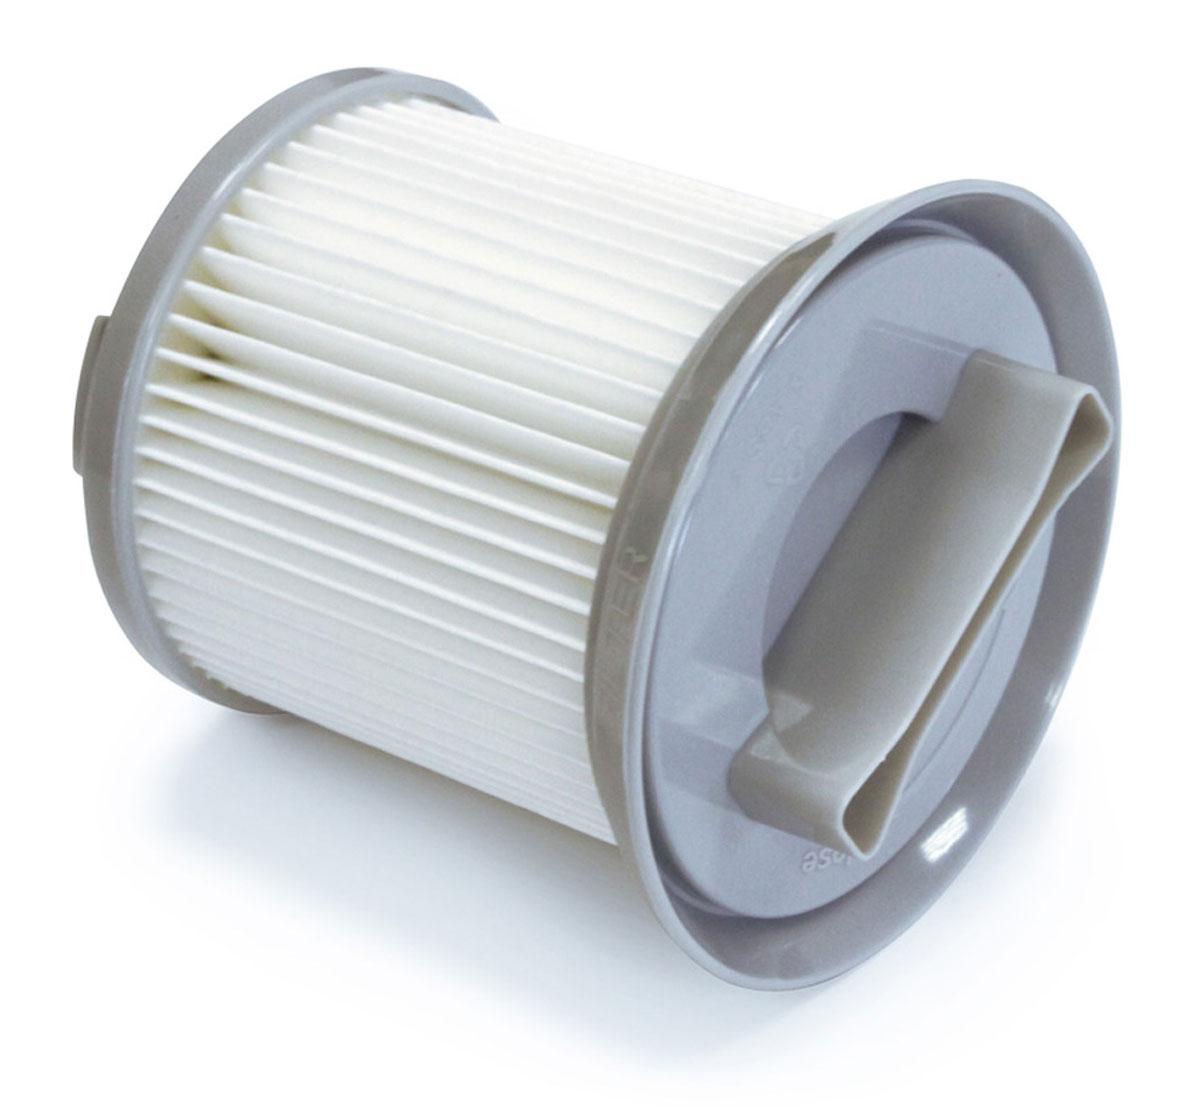 Filtero FTH 12 фильтр для пылесосов Electrolux & ZanussiFTH 12Фильтр Filtero FTH 12 уровня фильтрации НЕРА Н 12. Препятствует выходу мельчайших частиц пыли и аллергенов из пылесоса в помещение. Фильтр немоющийся. Подлежит замене, согласно рекомендации производителя пылесосов - не реже одного раза за 6 месяцев. Подходит для следующих пылесосов: Electrolux: ZSH 710 - ZSH 730 Zanussi: ZANS 710, ZANS 715, ZANS 730, ZANS 731, ZANS 750